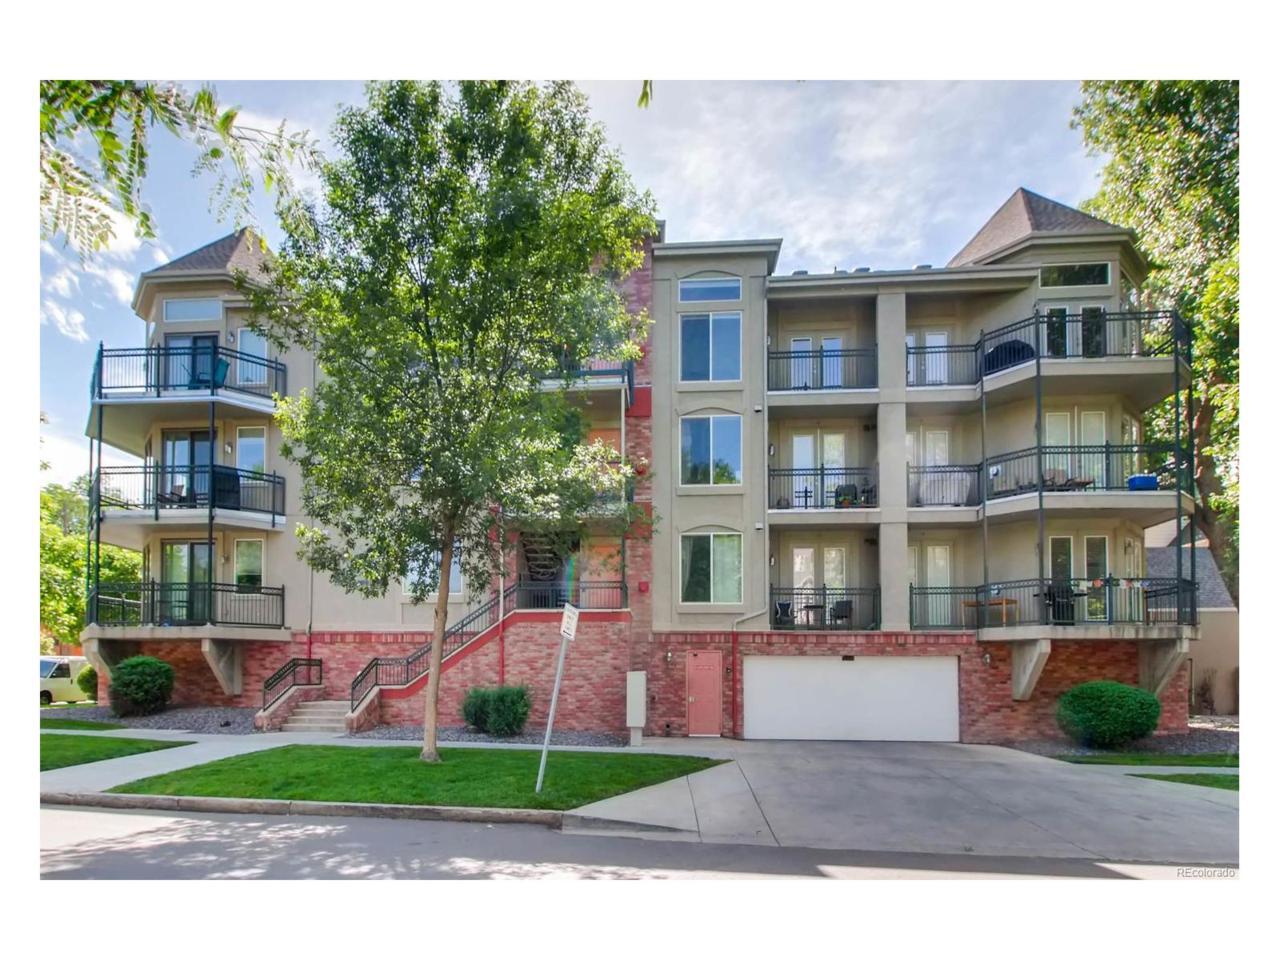 1705 Gaylord Street #201, Denver, CO 80206 (MLS #7798737) :: 8z Real Estate